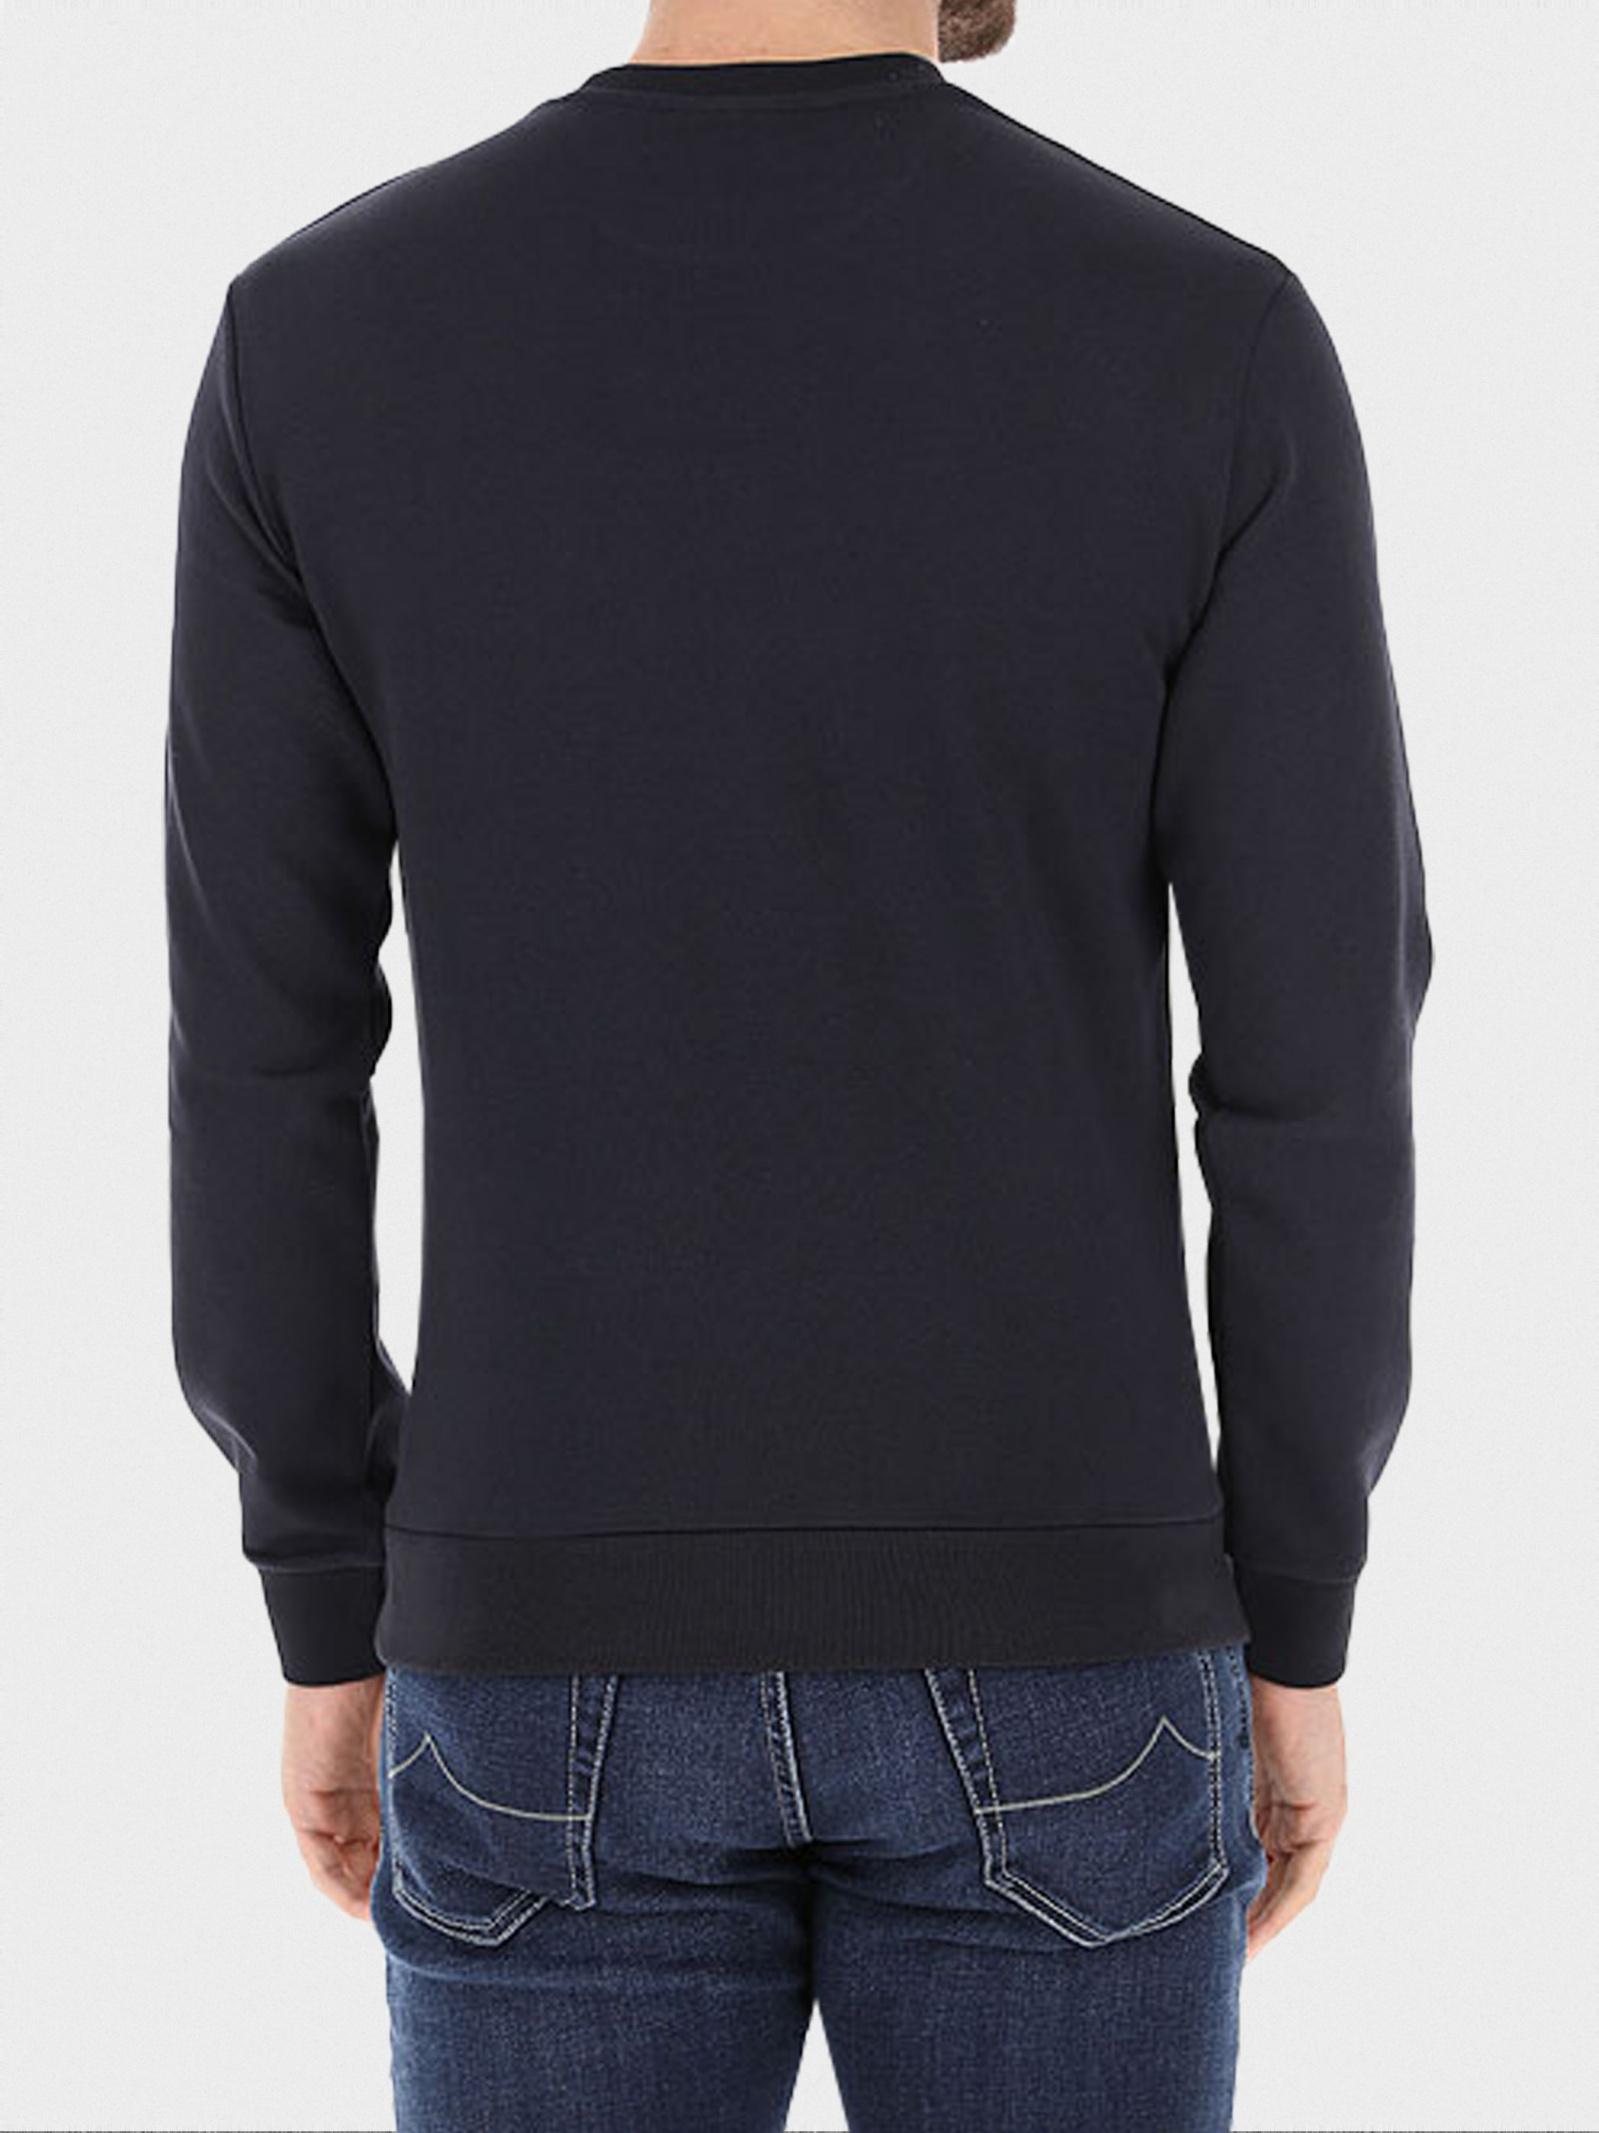 Кофты и свитера мужские Emporio Armani модель 5O1045 купить, 2017